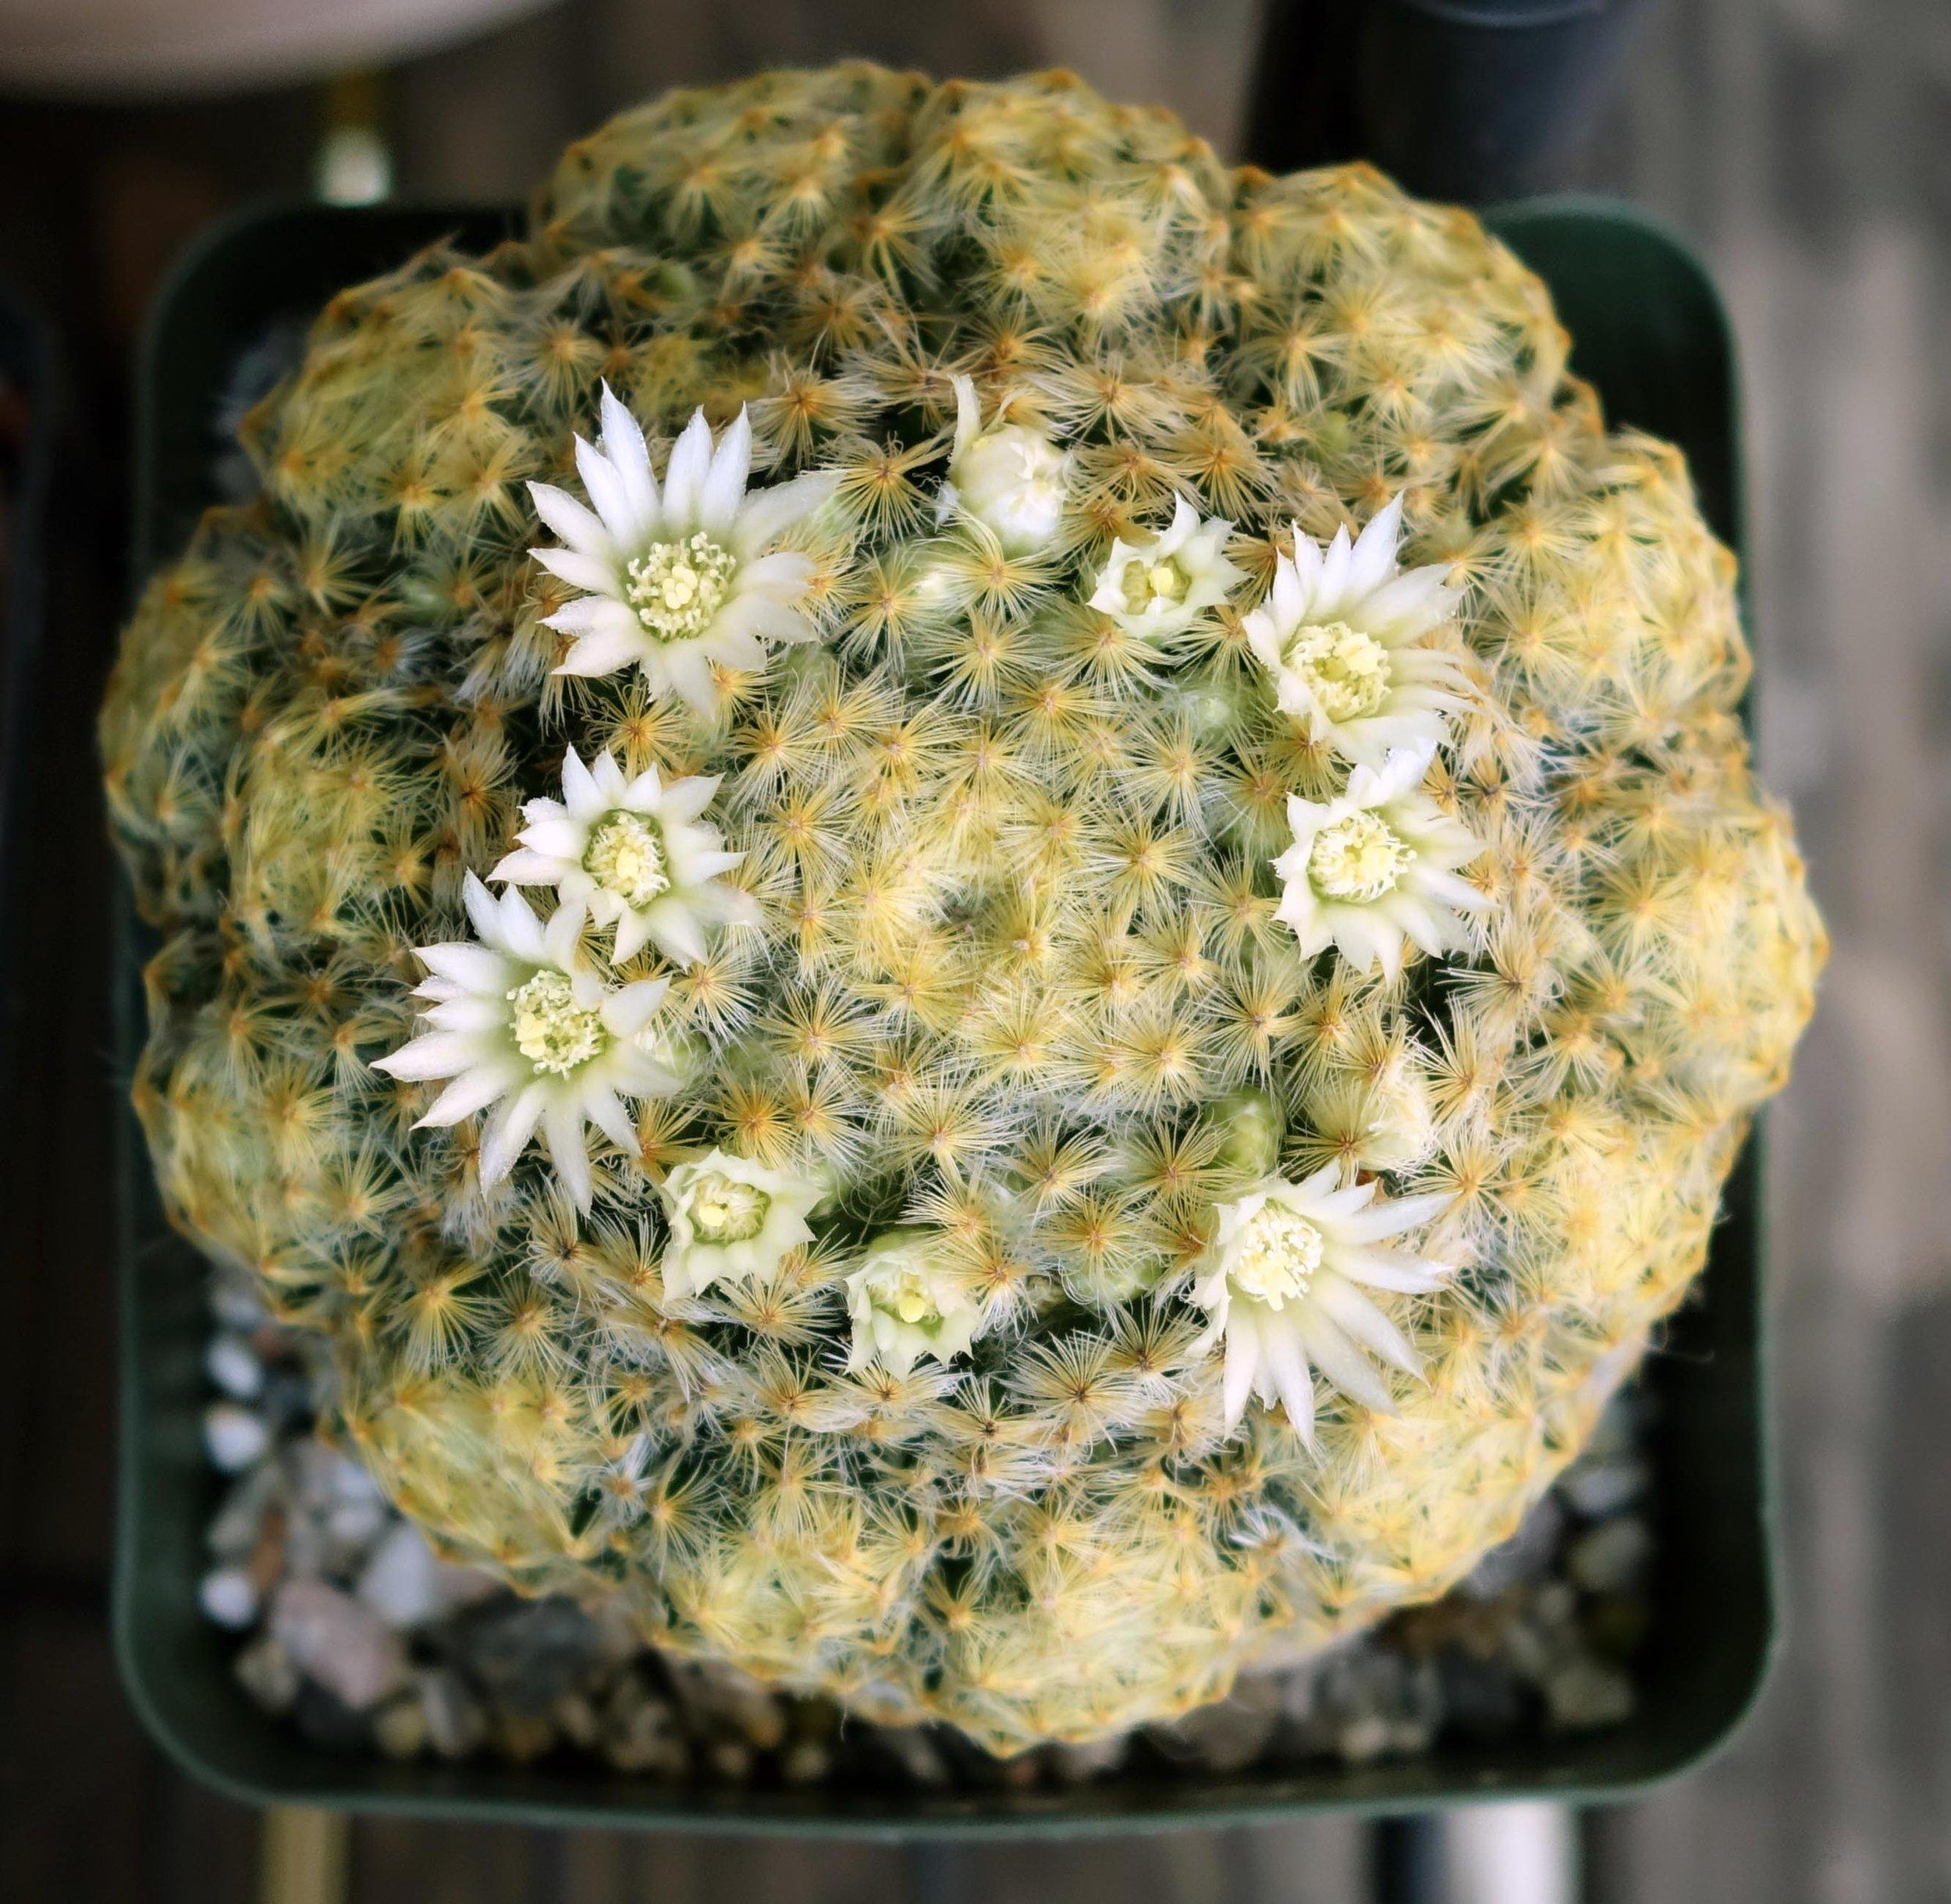 M schiedeana 9-22-17 blooms.jpg